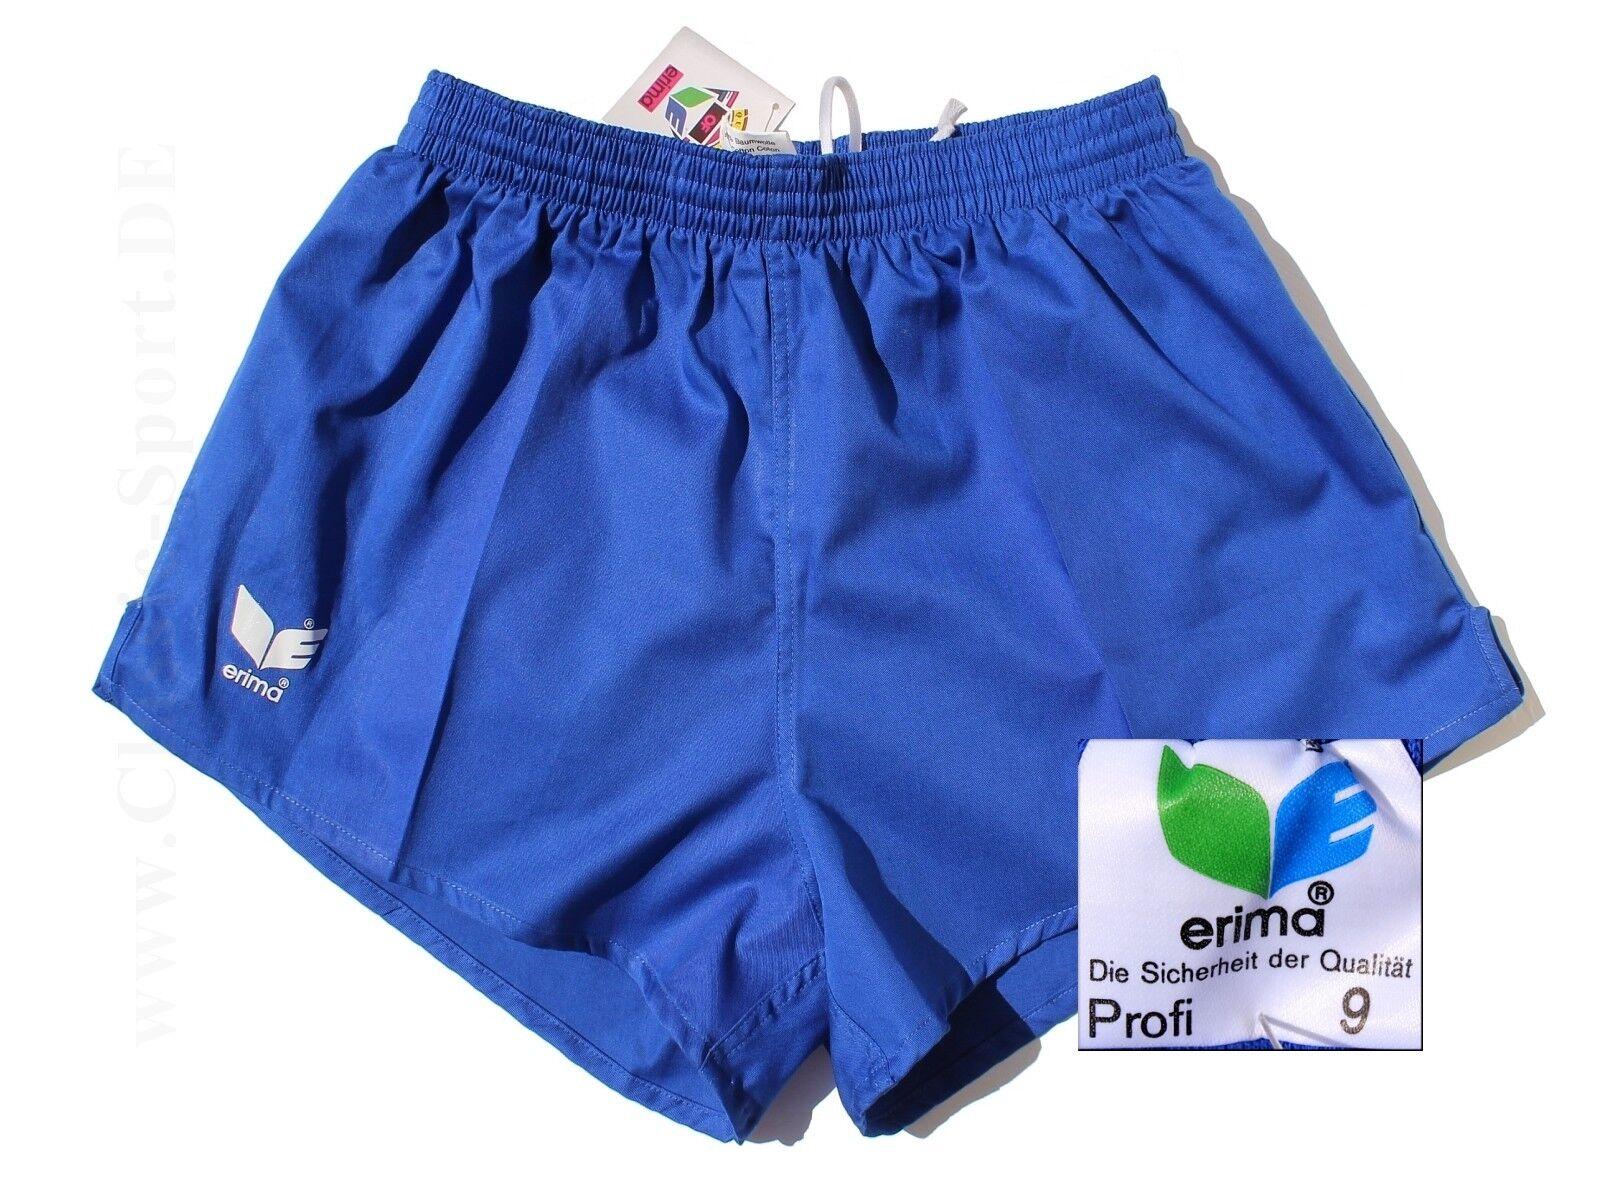 282) ORIG. 80er Erima  profesional  de algodón talla 9 = 2x todavía nuevo